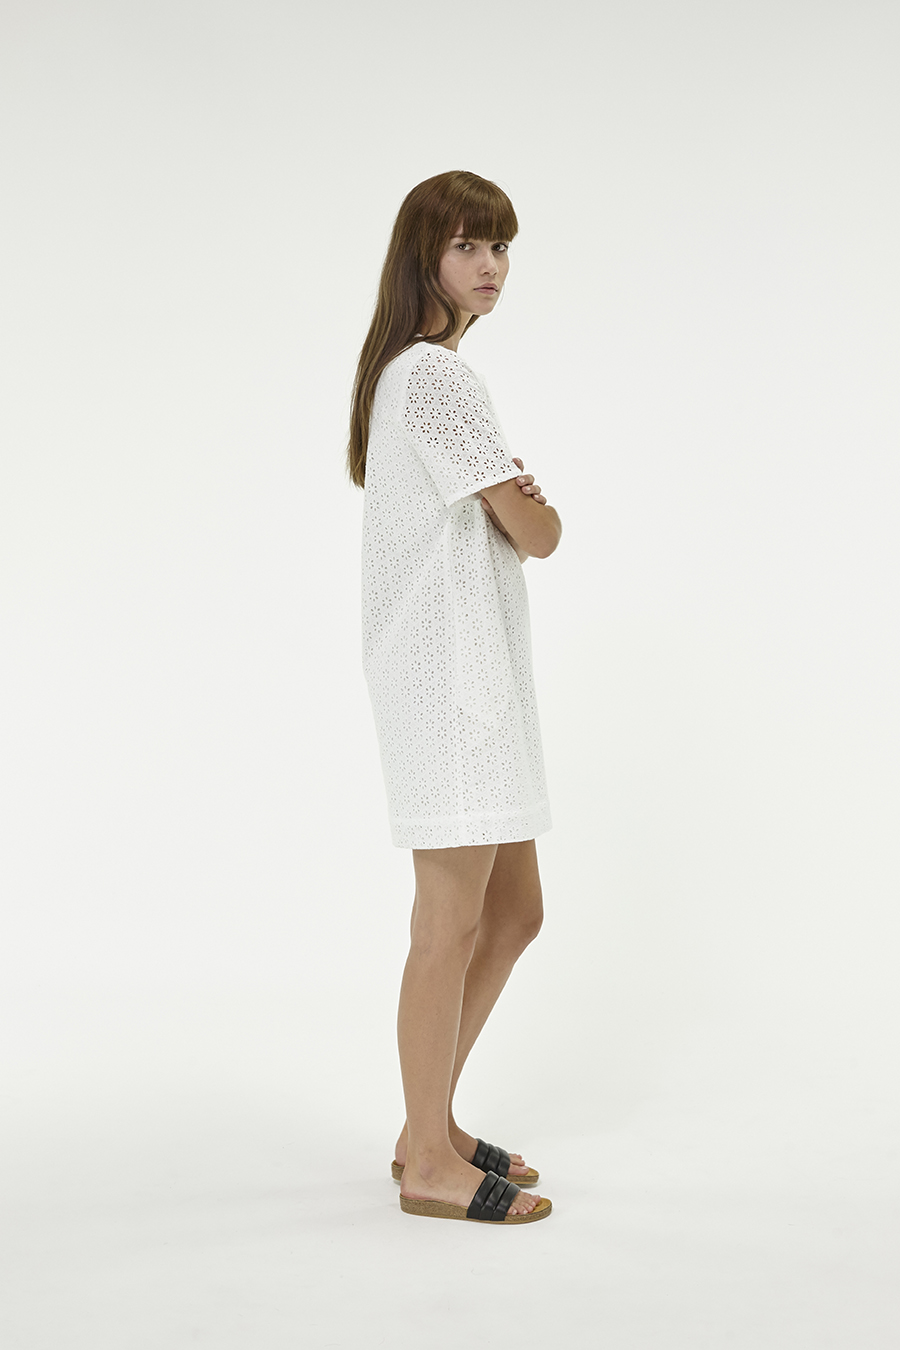 Huffer_Q3-16_W-Hope-Shell-Dress_White-04